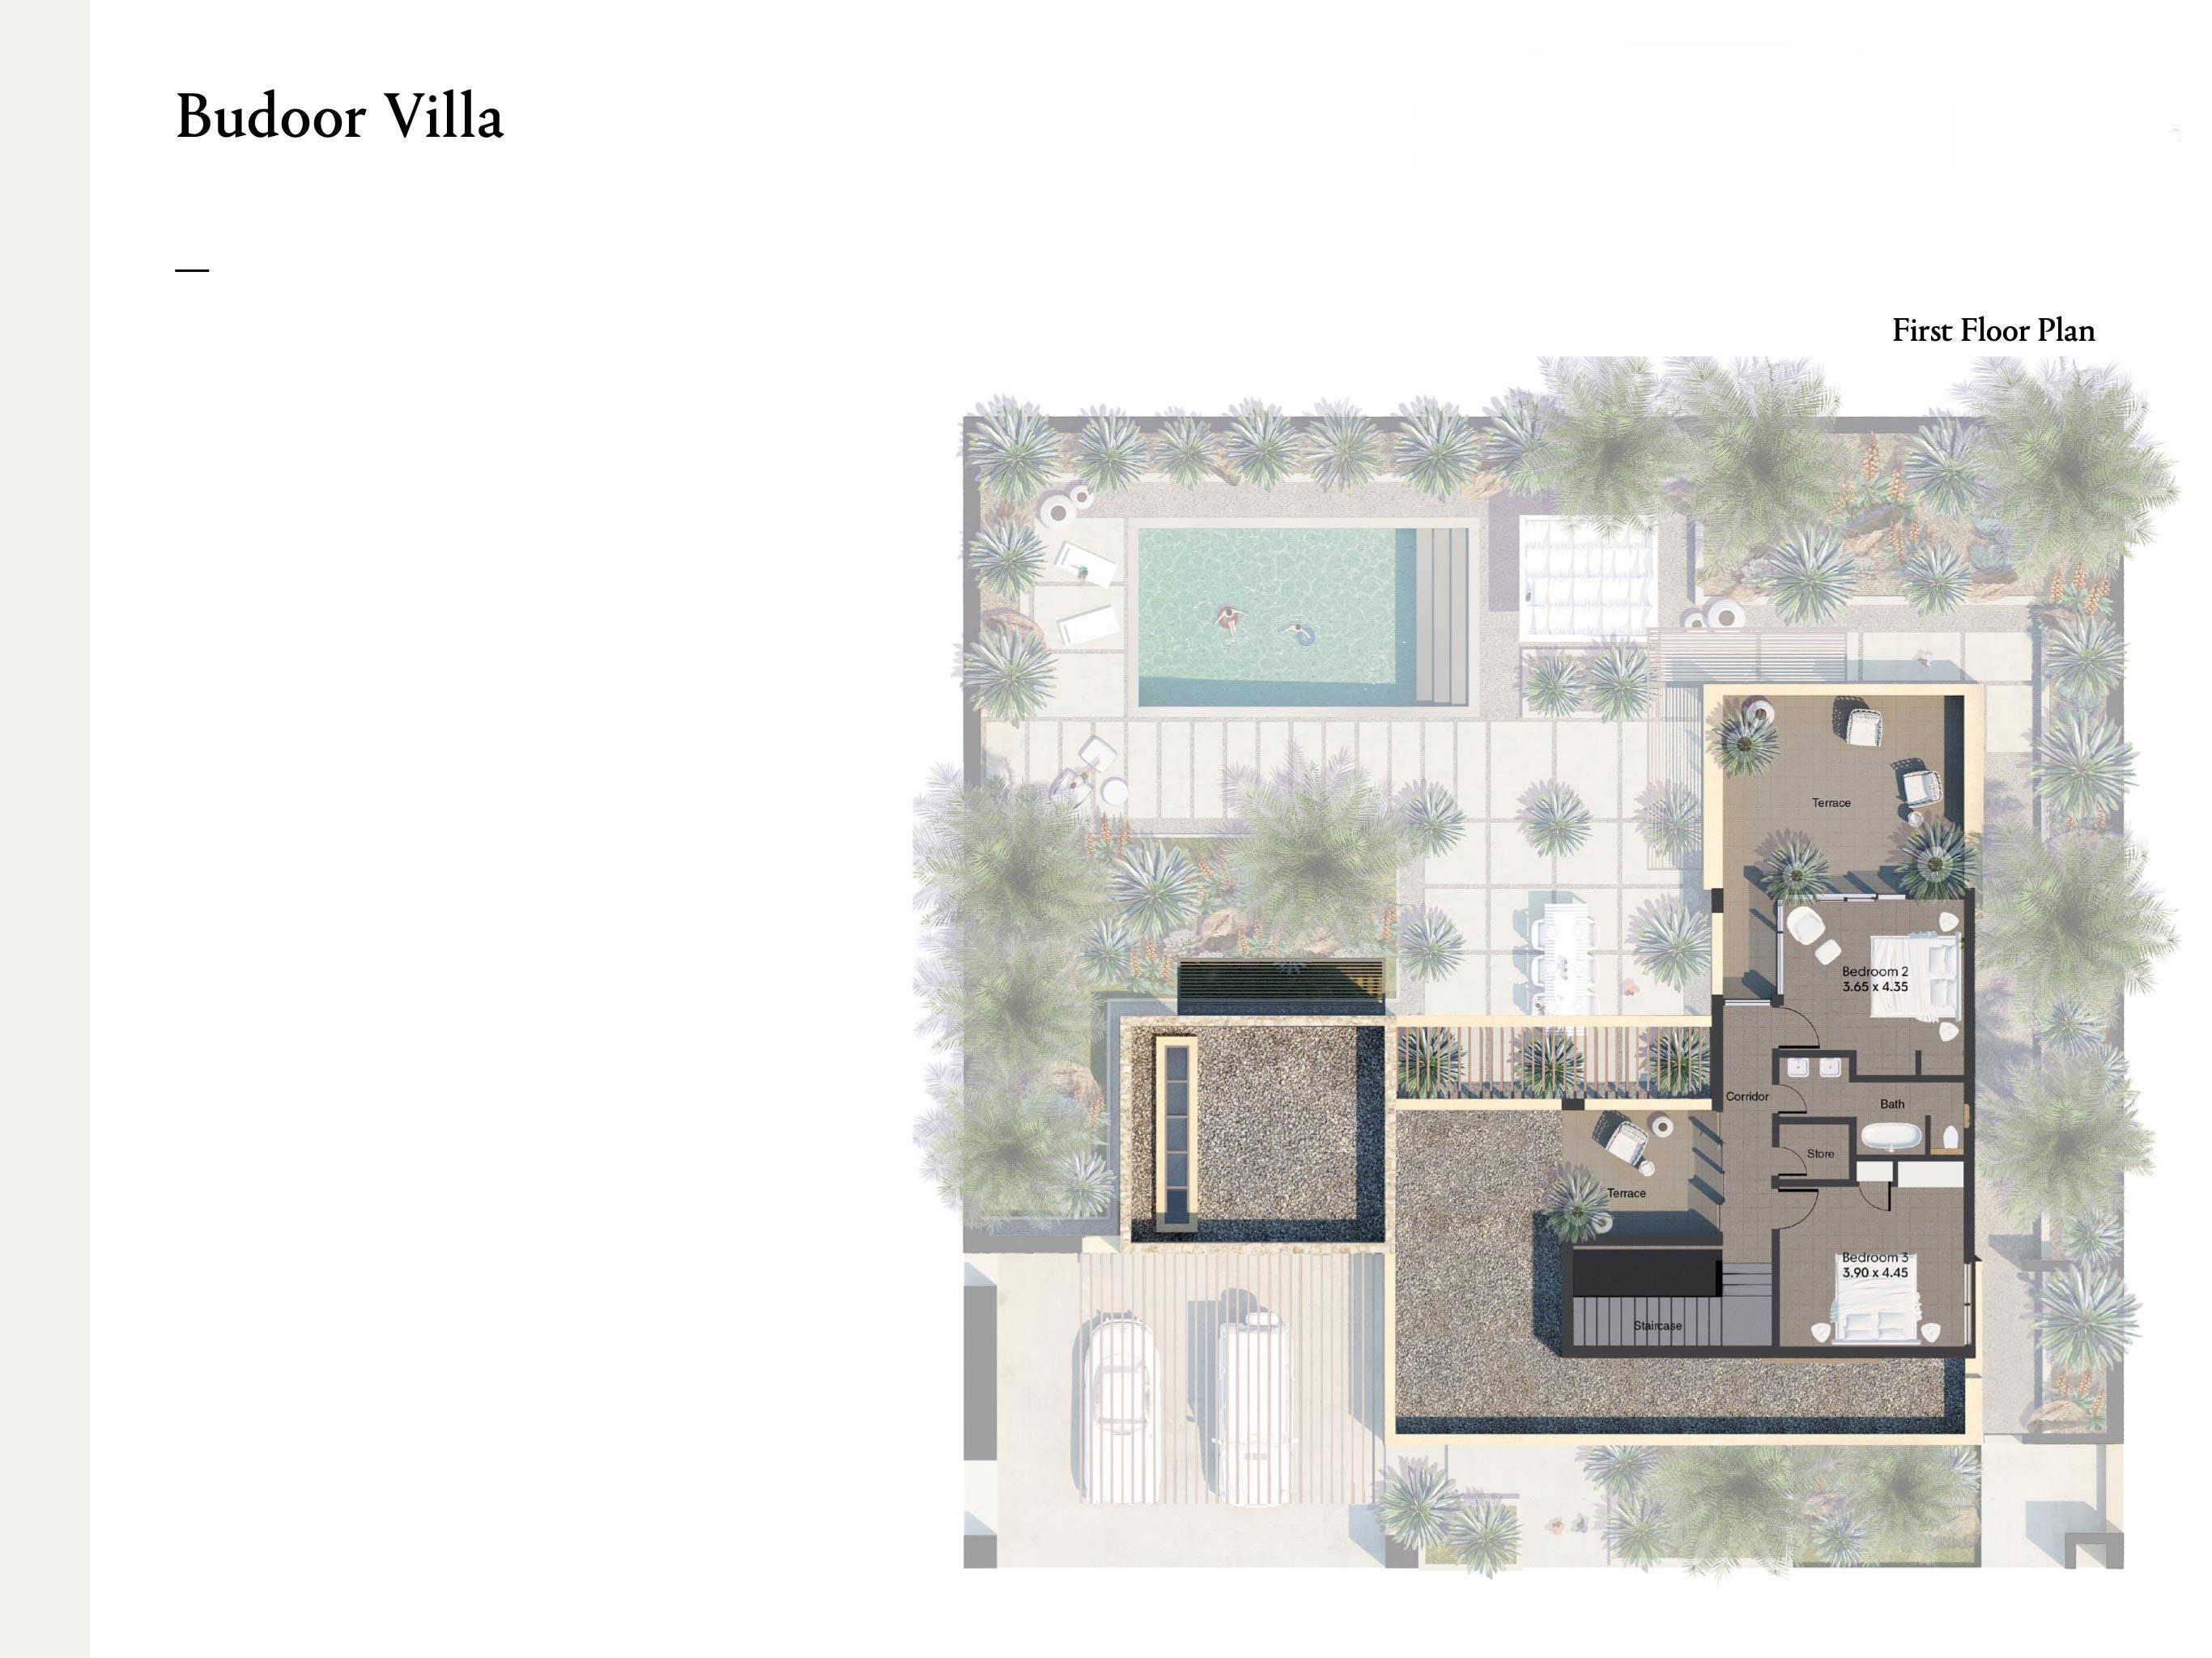 فلل من ثلاث غرف نوم بمساحة 419 متر مربع